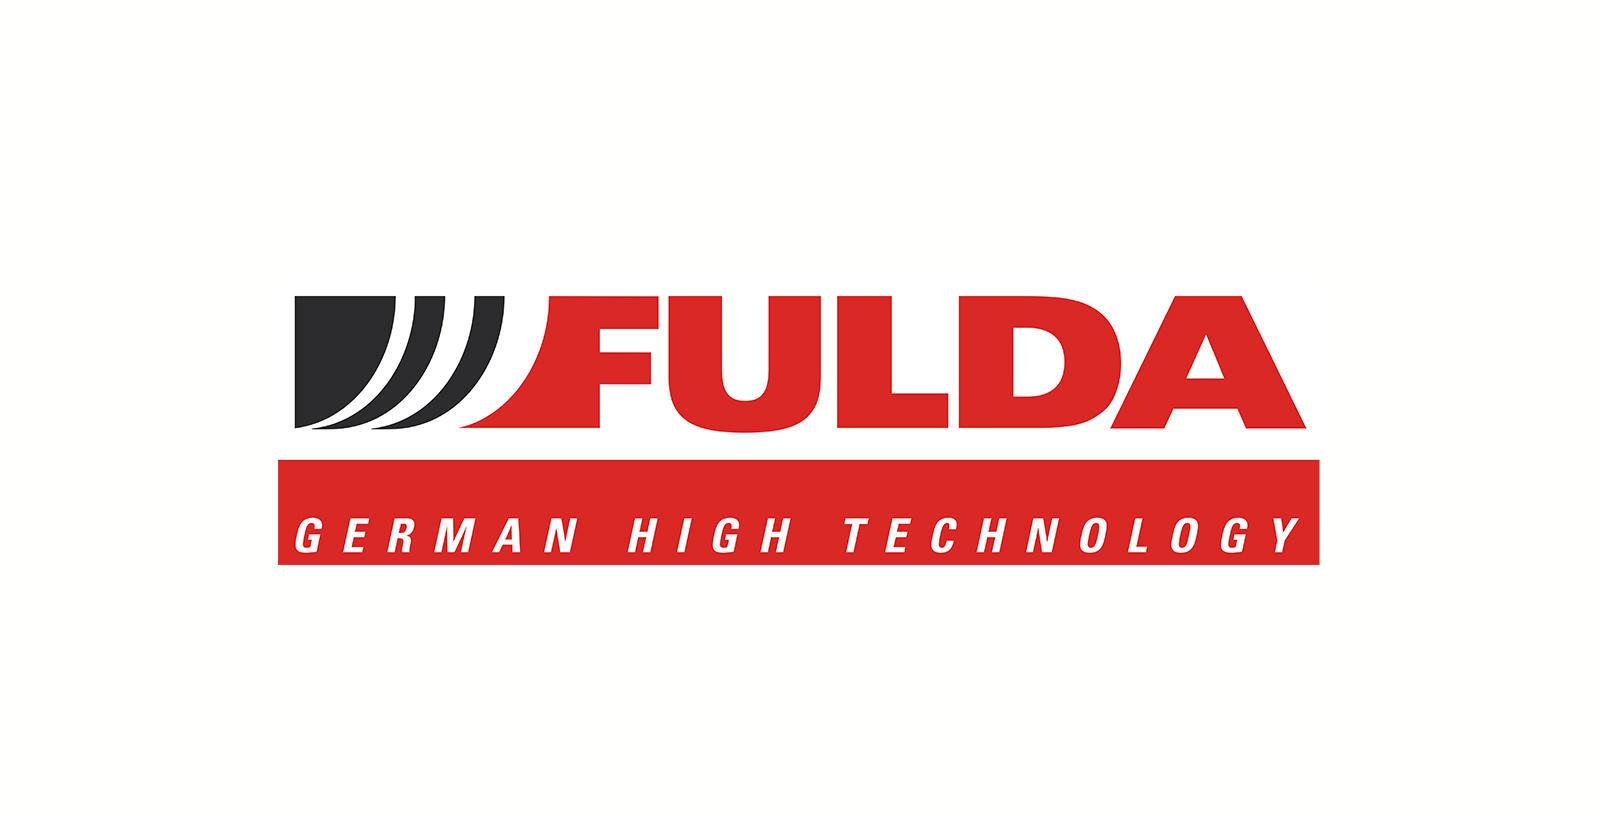 Fulda logo